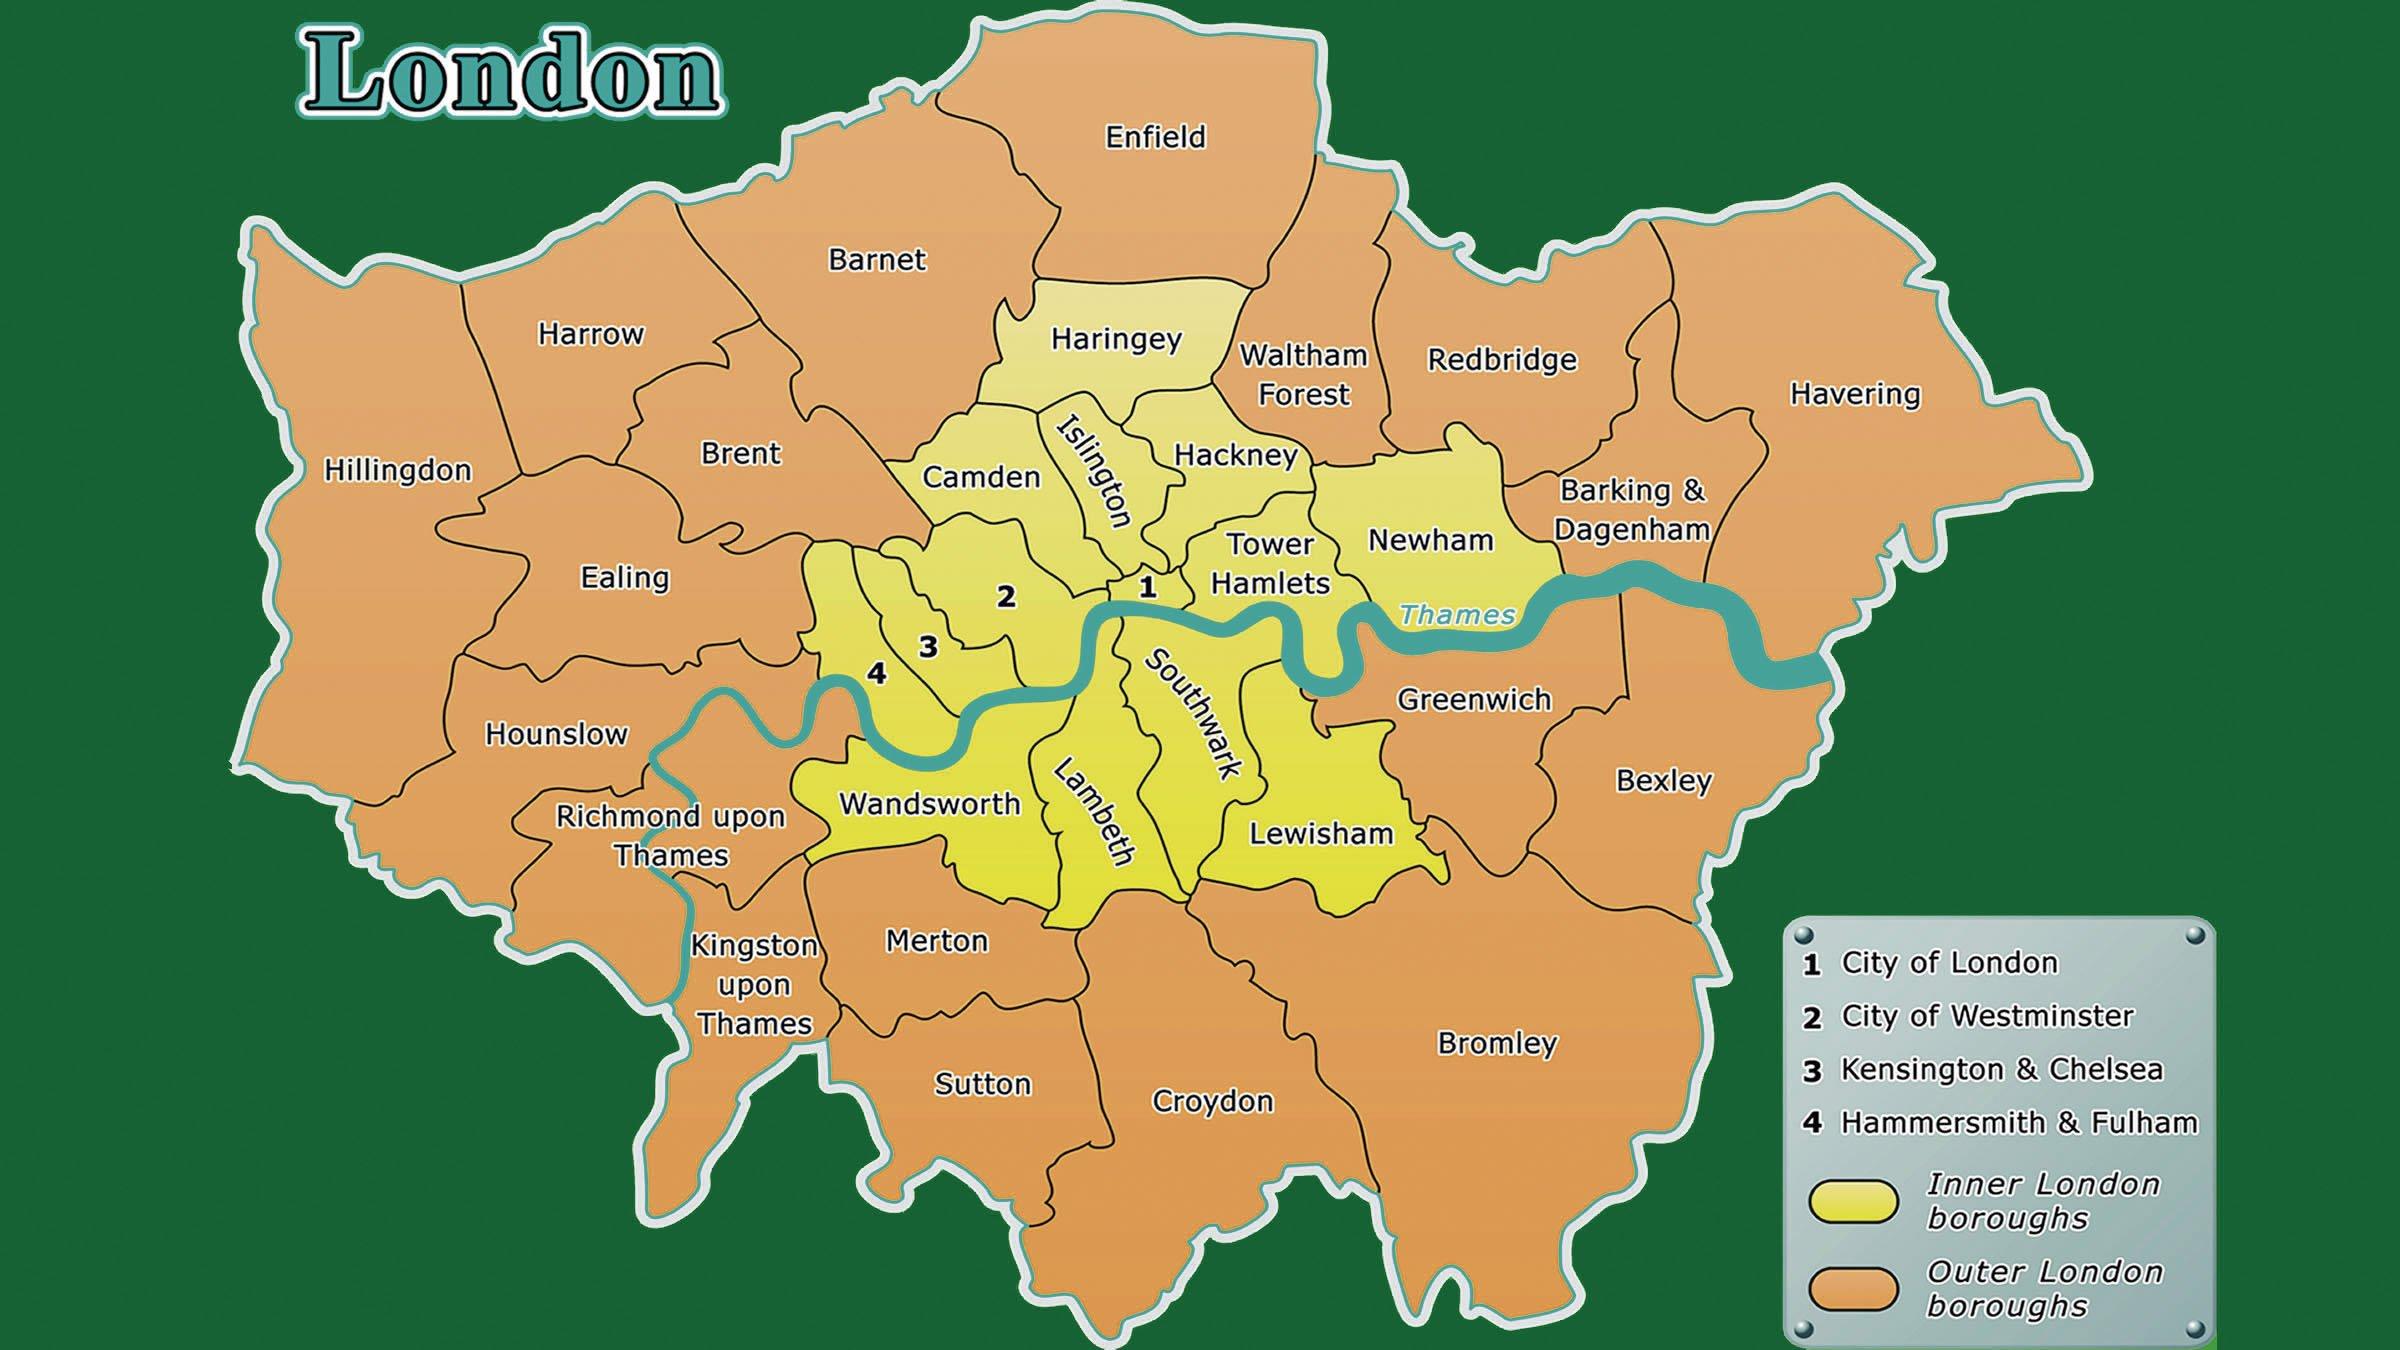 Londres En El Mapa.Mapa De Londres Exterior Y Londres Interior